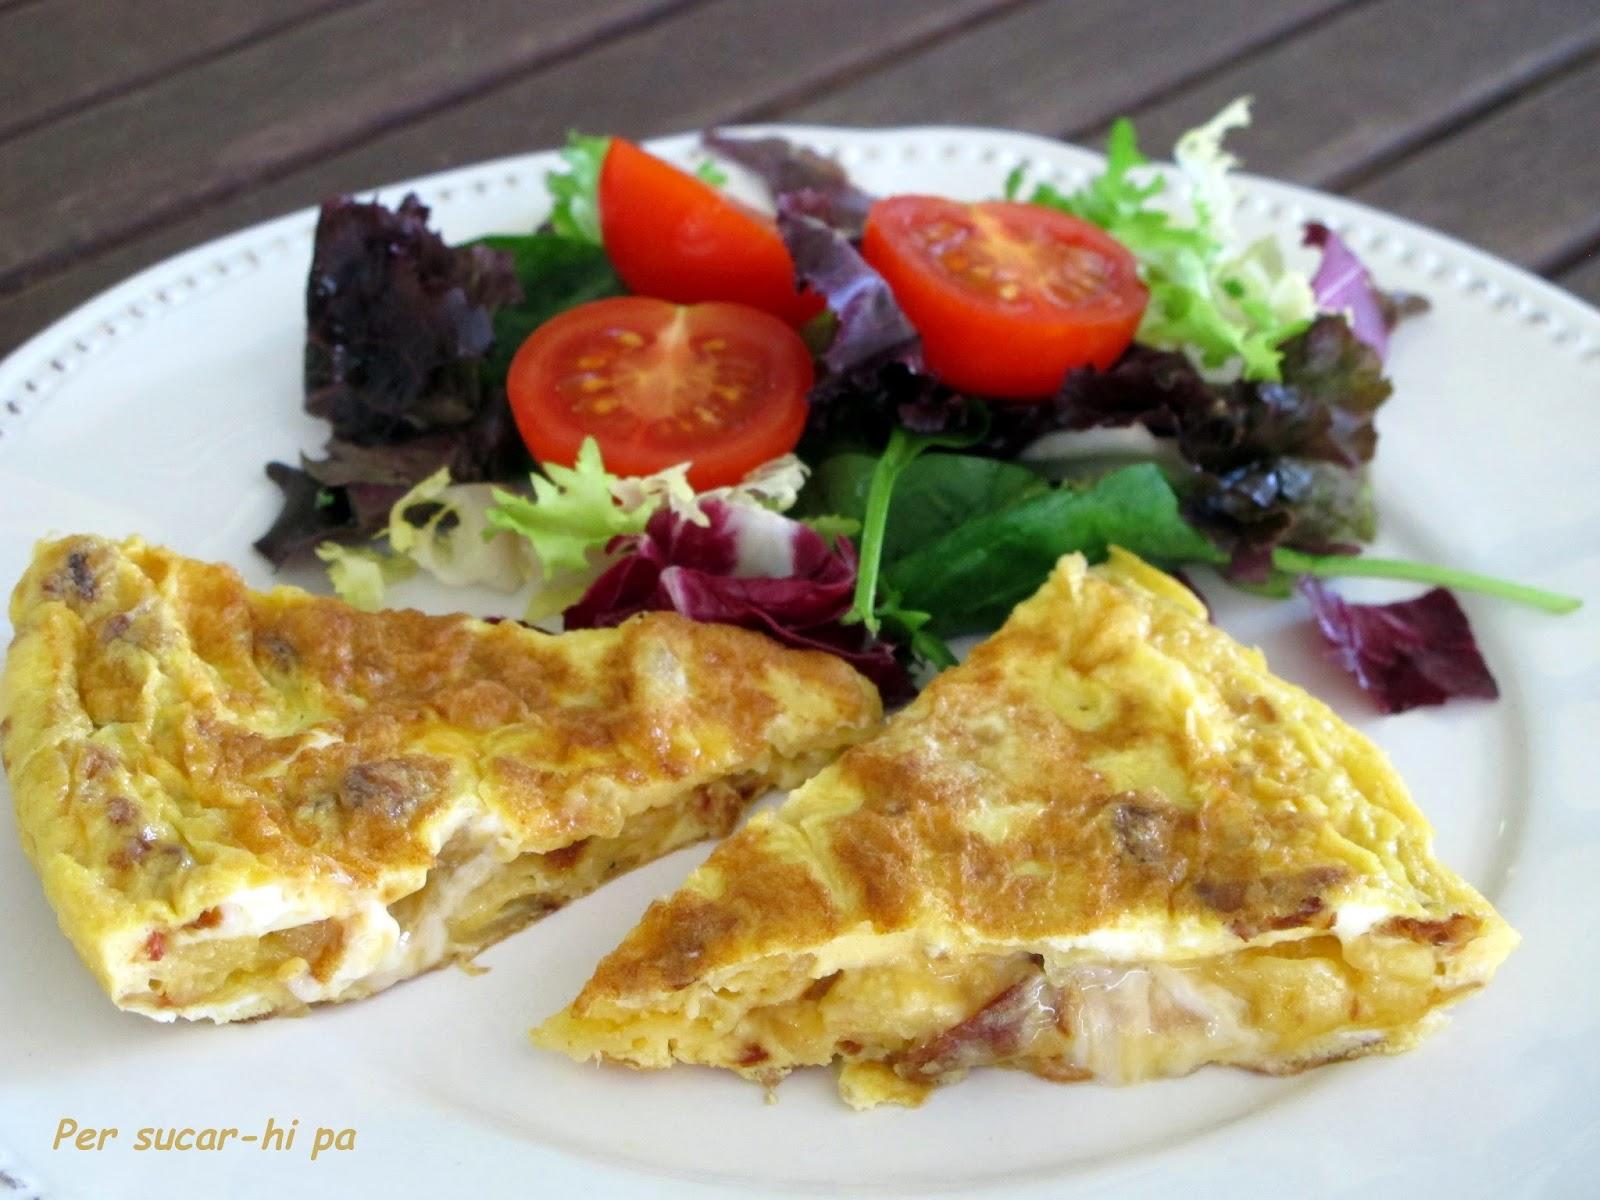 Desayuno con morcilla huevos y leche - 2 2